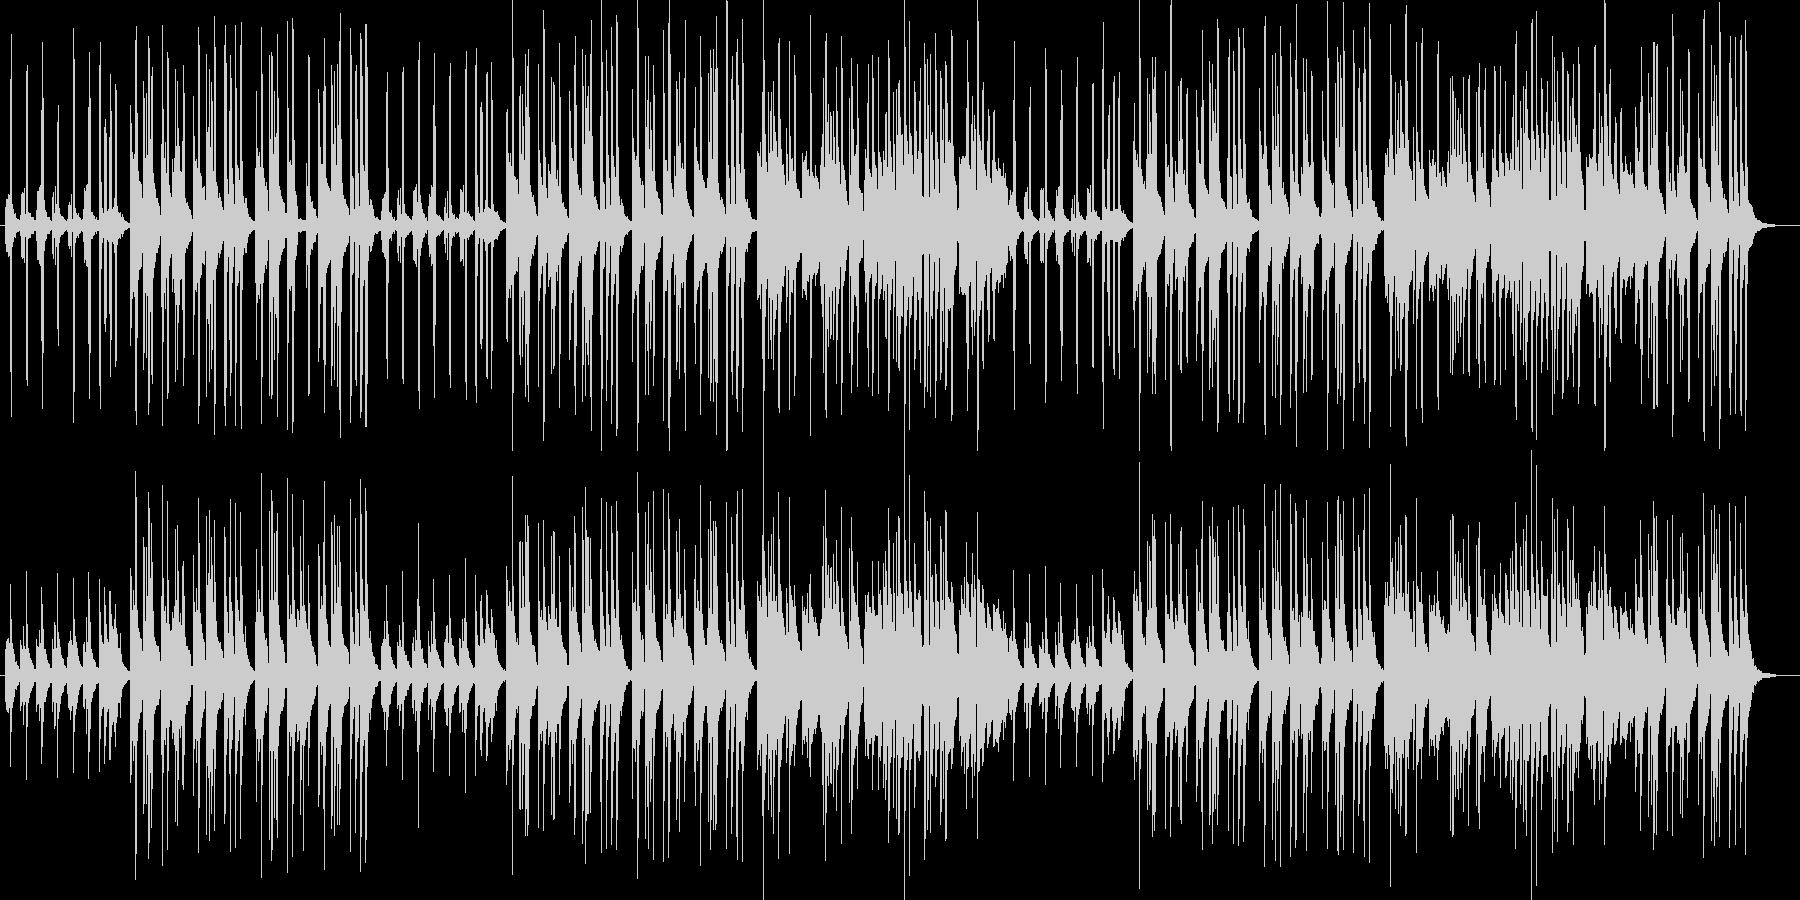 優しい音色ピアノ・オルガンサウンドの未再生の波形